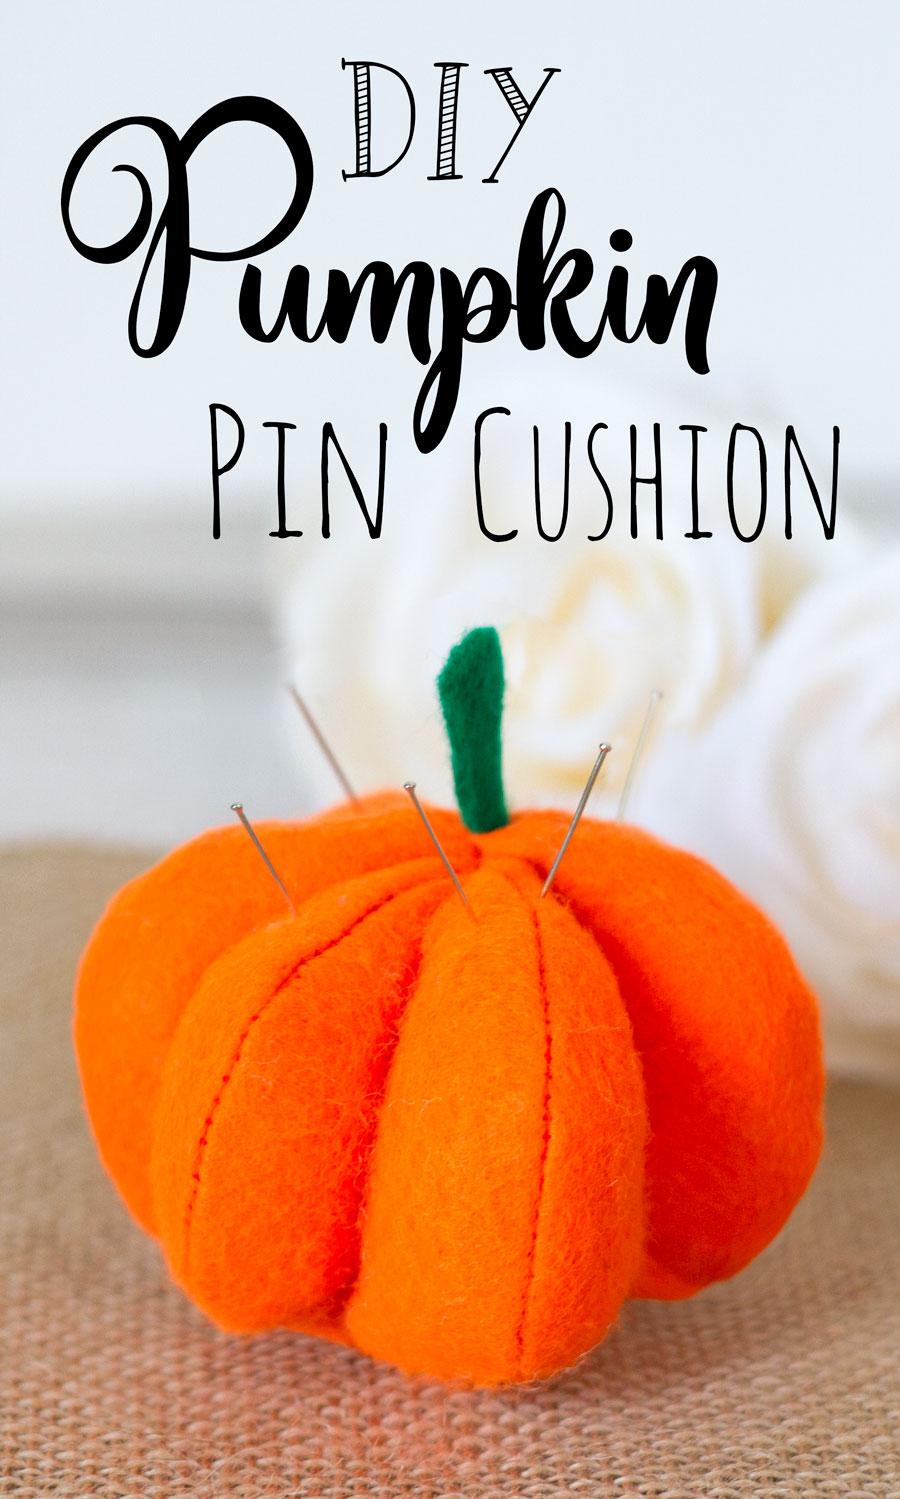 Pumpkin-Pin-Cushion-pin.jpg